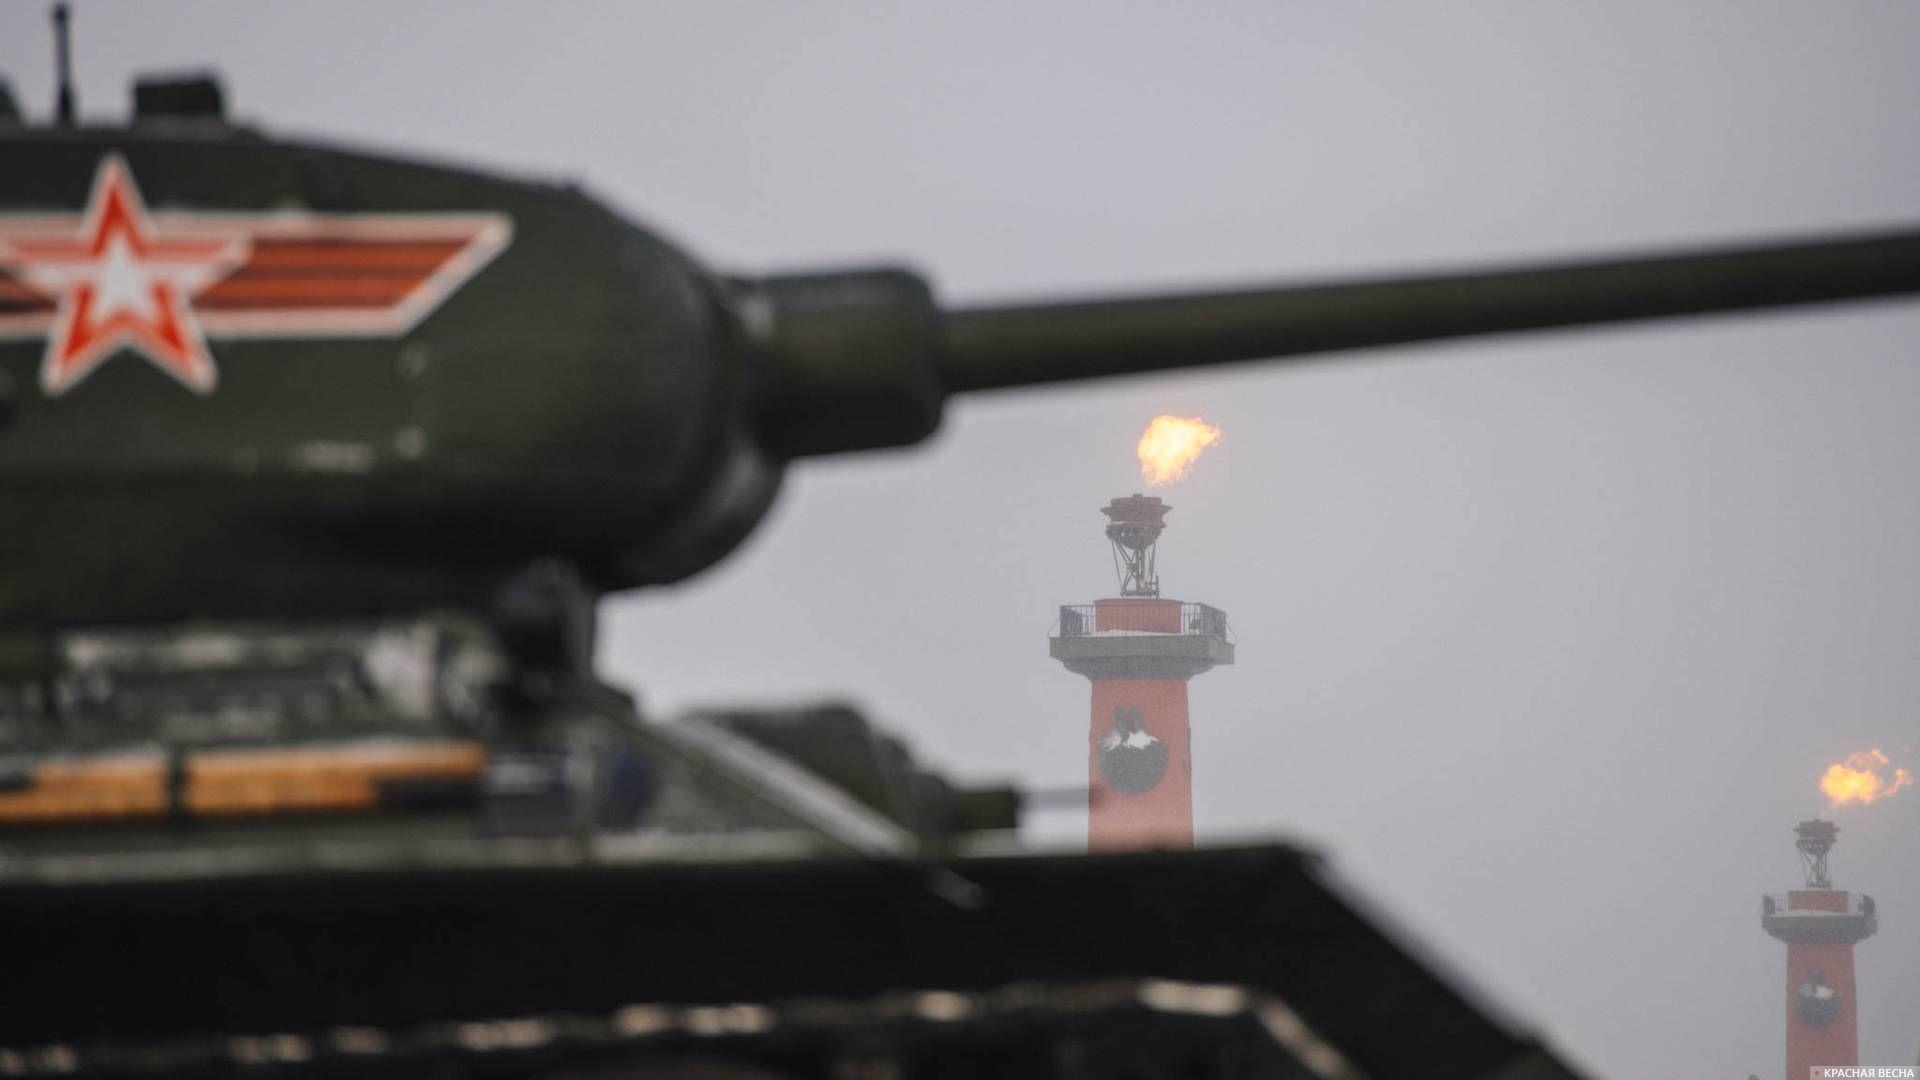 На Стрелке Васильевского острова горят факелы Ростральных колонн